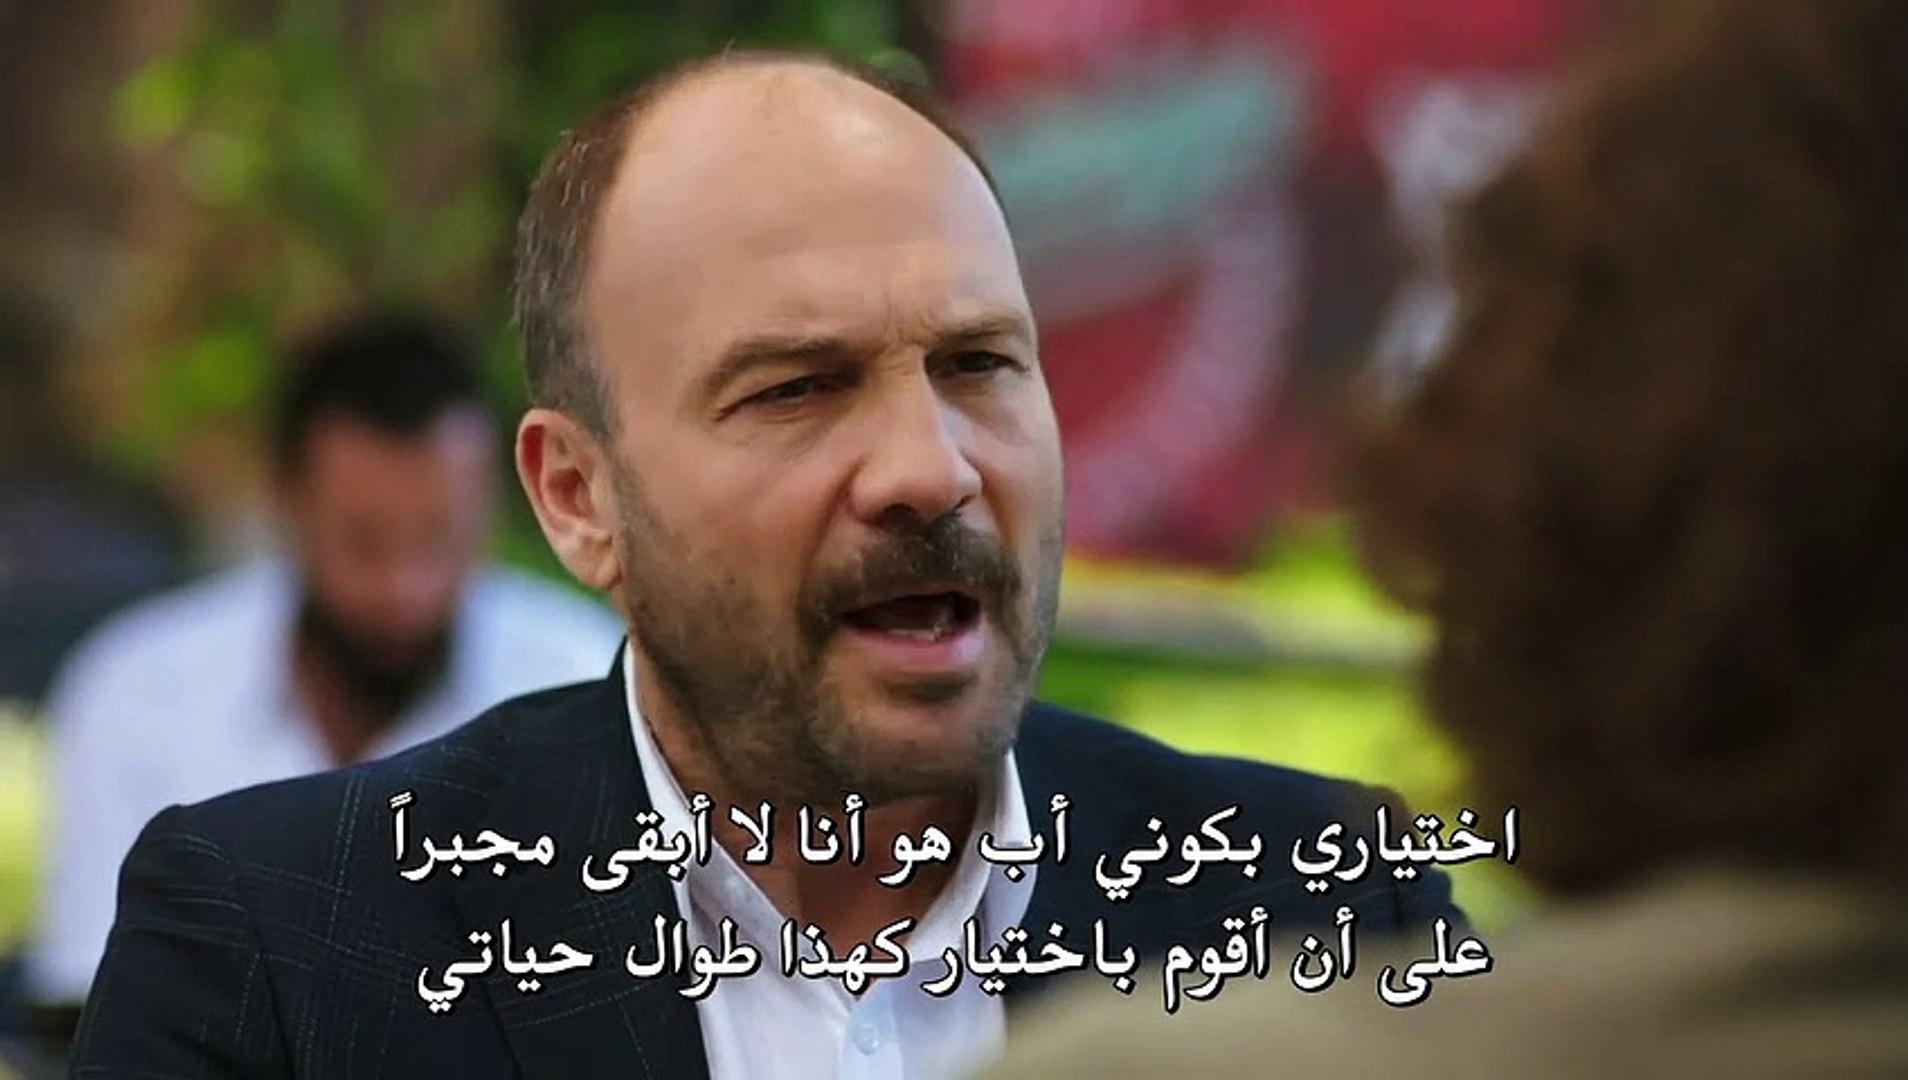 مسلسل زهرة الثالوث مترجم للعربية - الحلقة 33 - الجزء 2